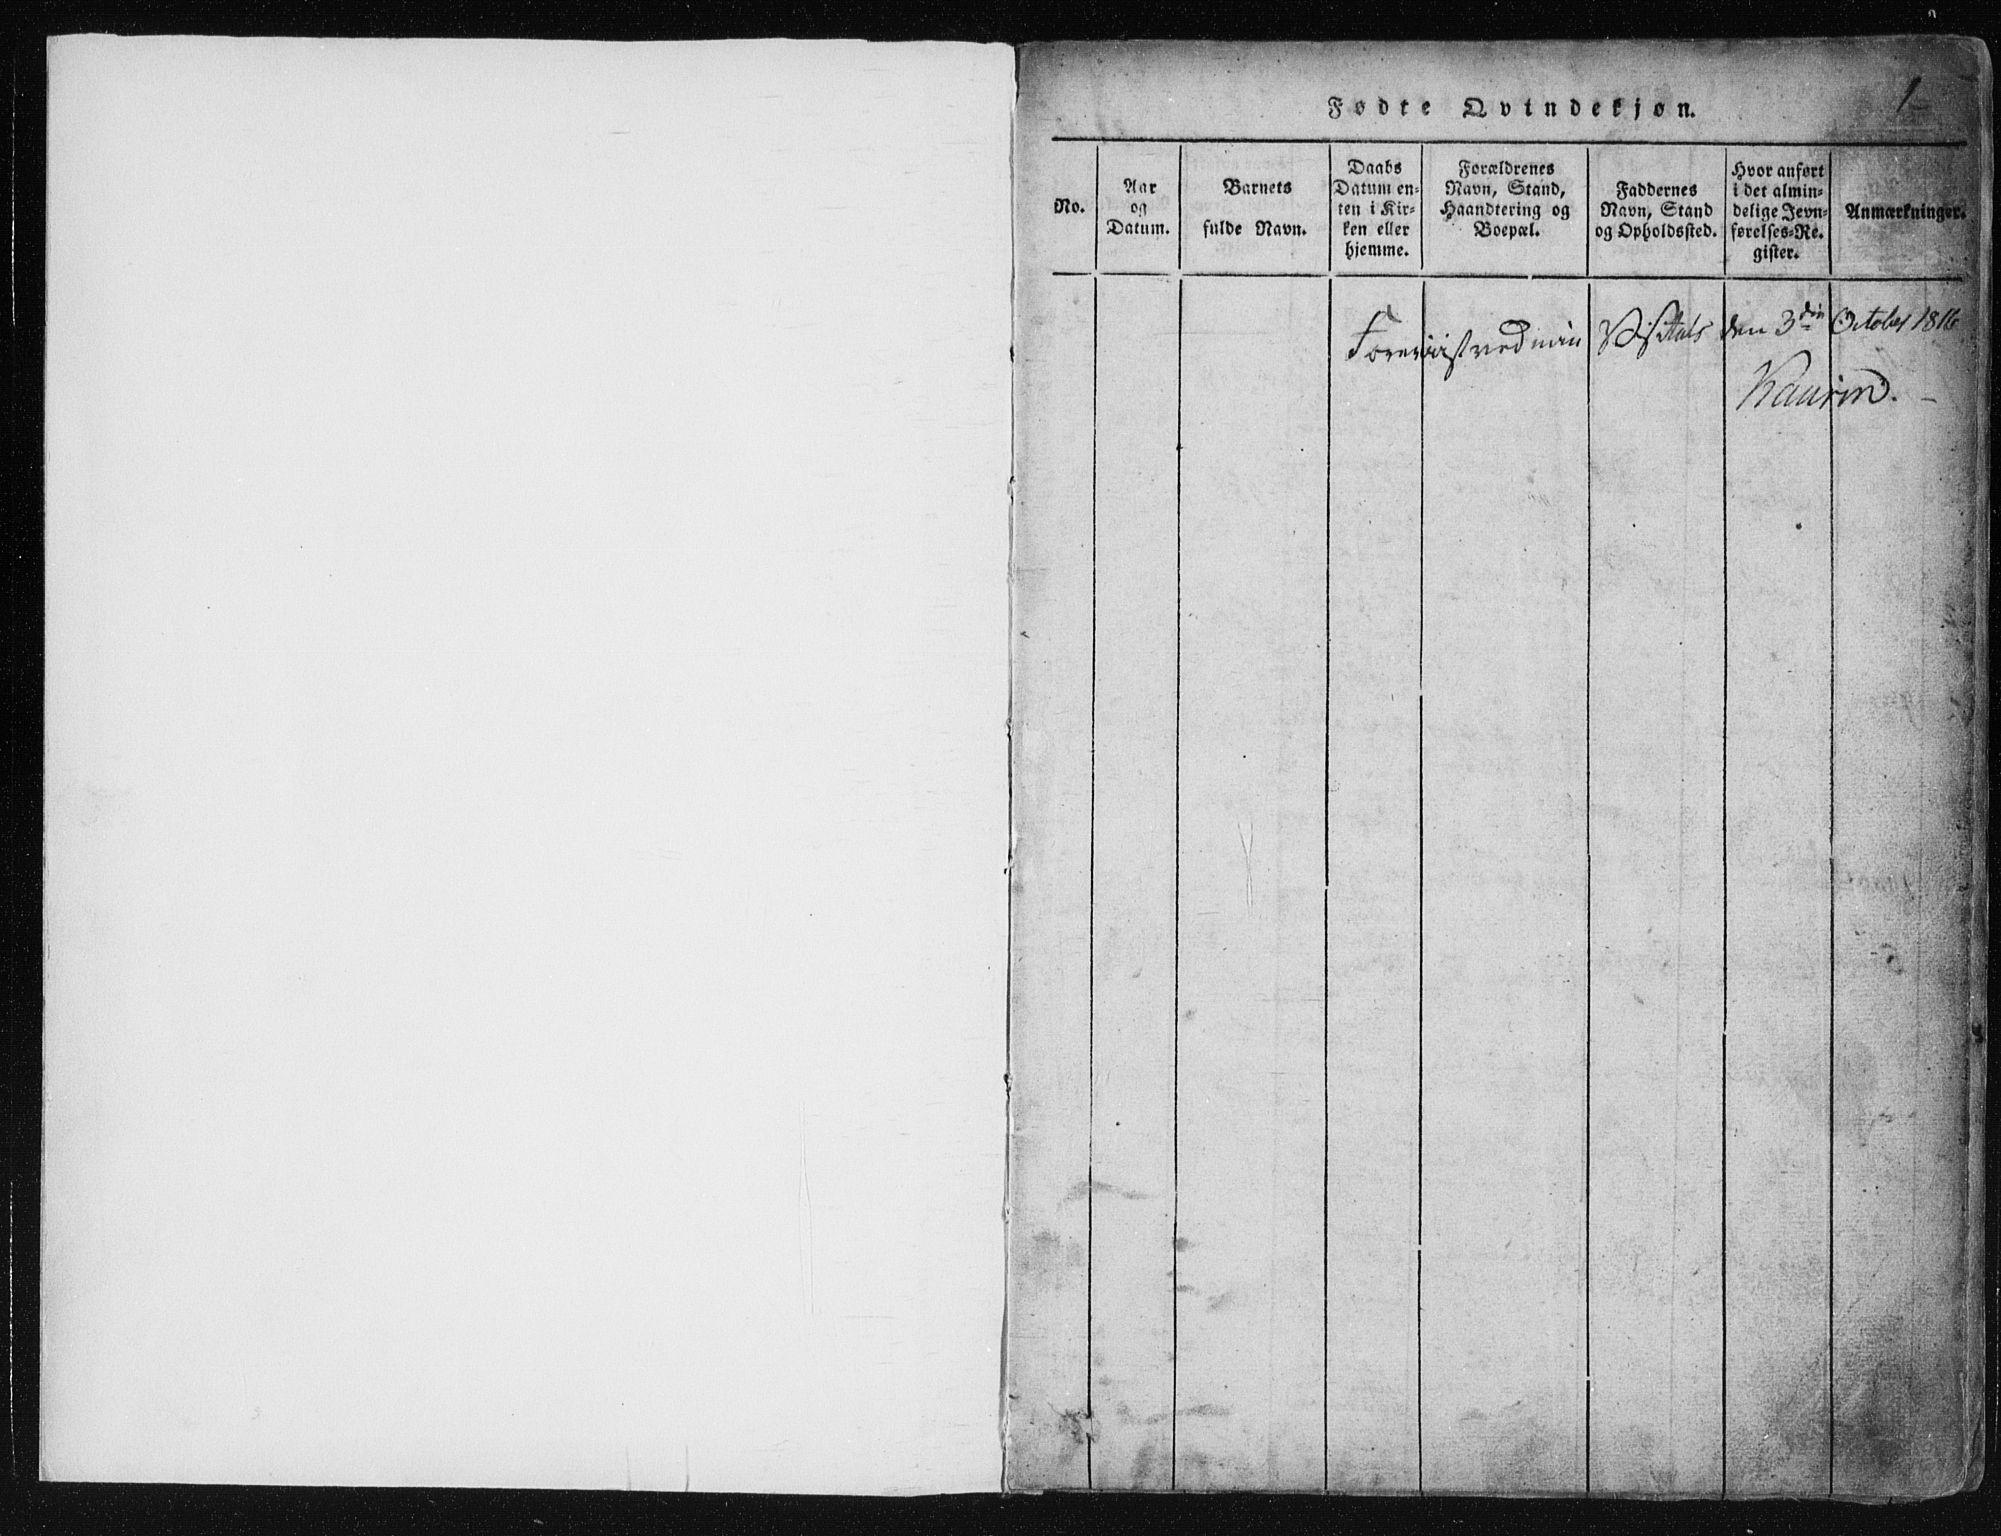 SAKO, Vinje kirkebøker, F/Fa/L0003: Ministerialbok nr. I 3, 1814-1843, s. 1